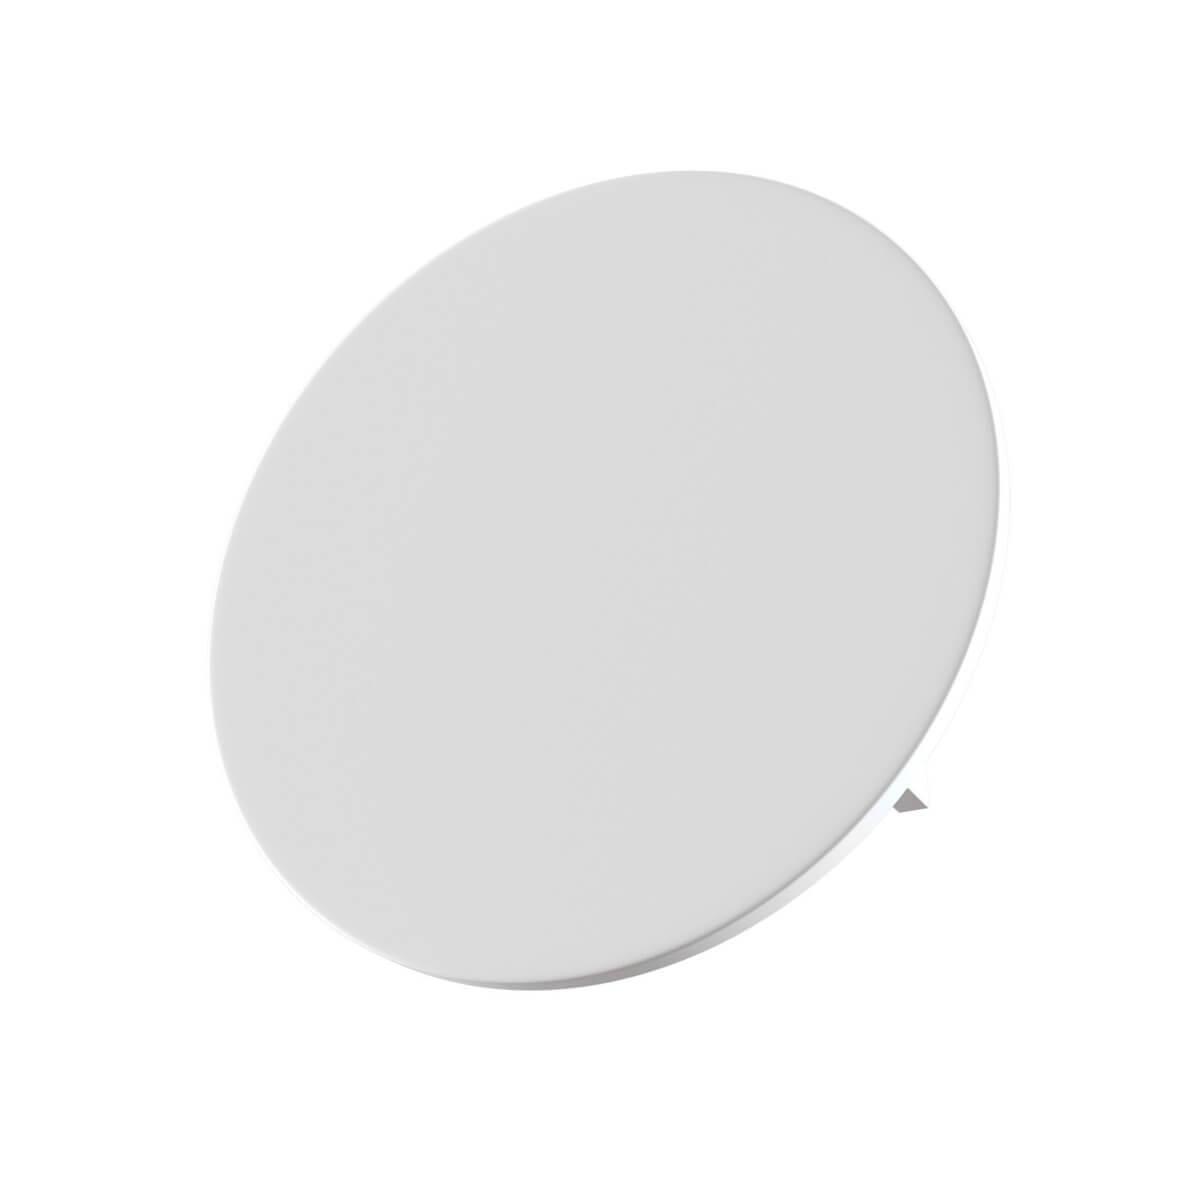 Светильник Maytoni C123-WL-02-3W-W Parma (Возможна покраска) фото